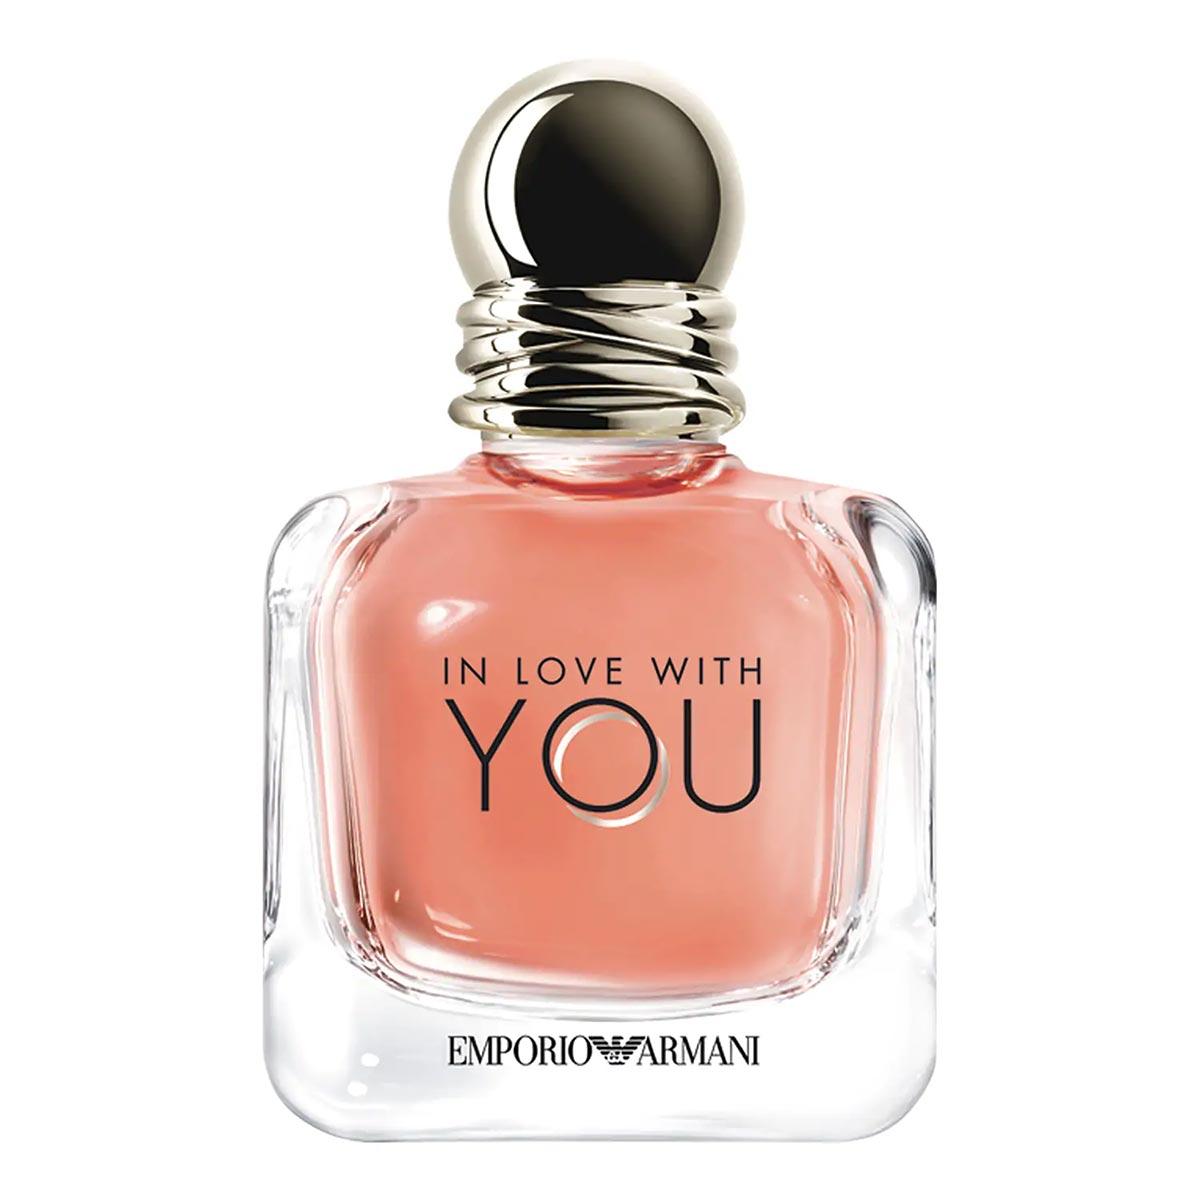 Eau de Parfum Emporio Armani In love with You - ARMANI